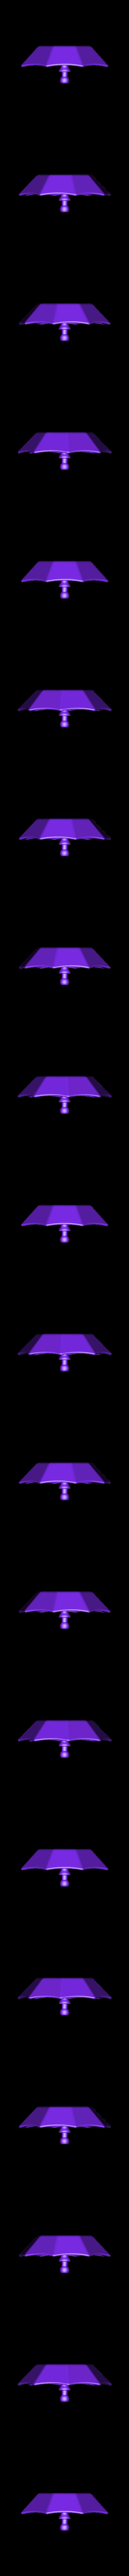 umbrella.STL Download free STL file Umbrella • 3D print model, OgoSport